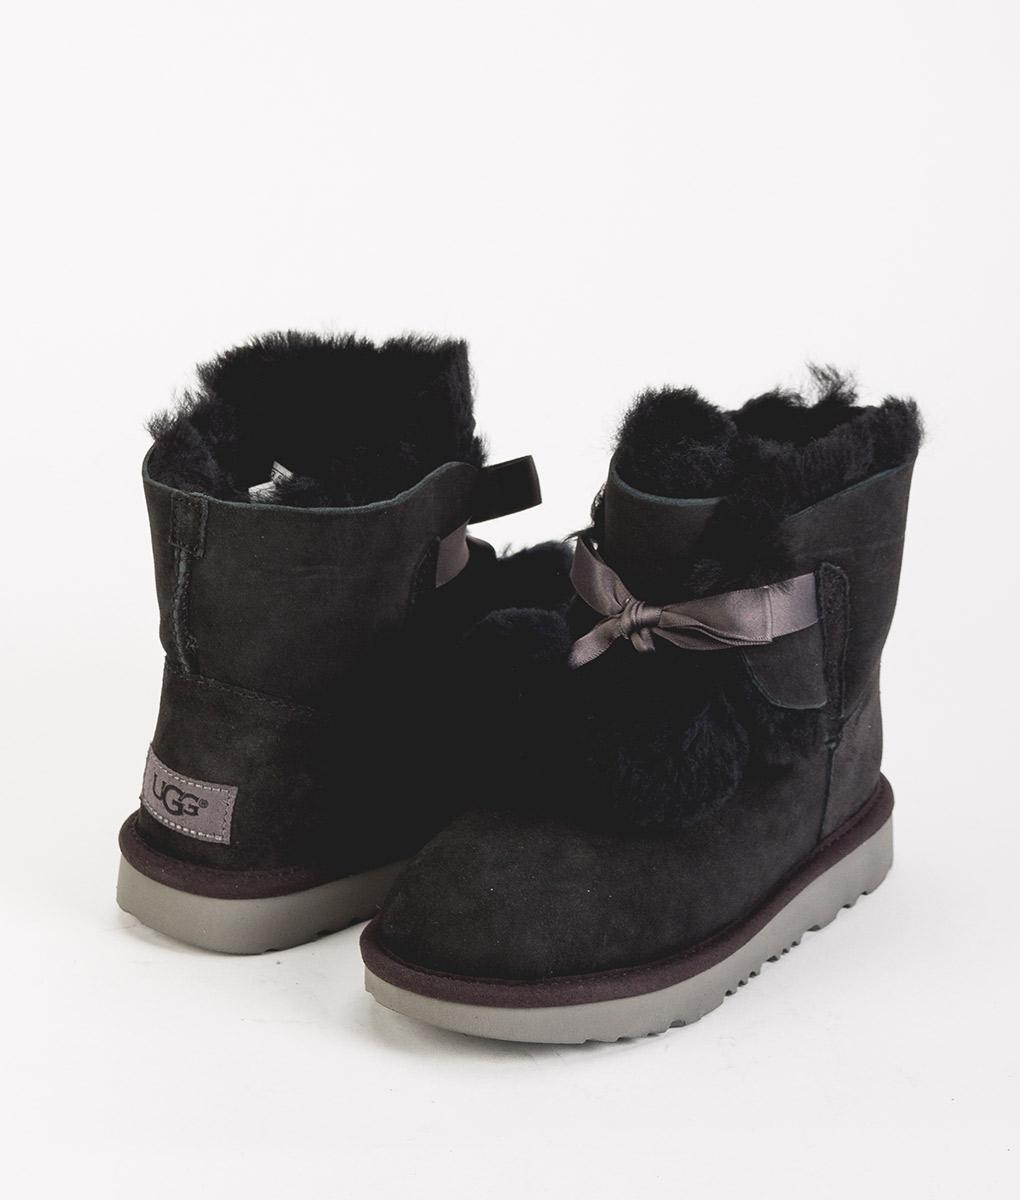 UGG Kids Ankle Boots 1017403K GITA, Black 219.99 1